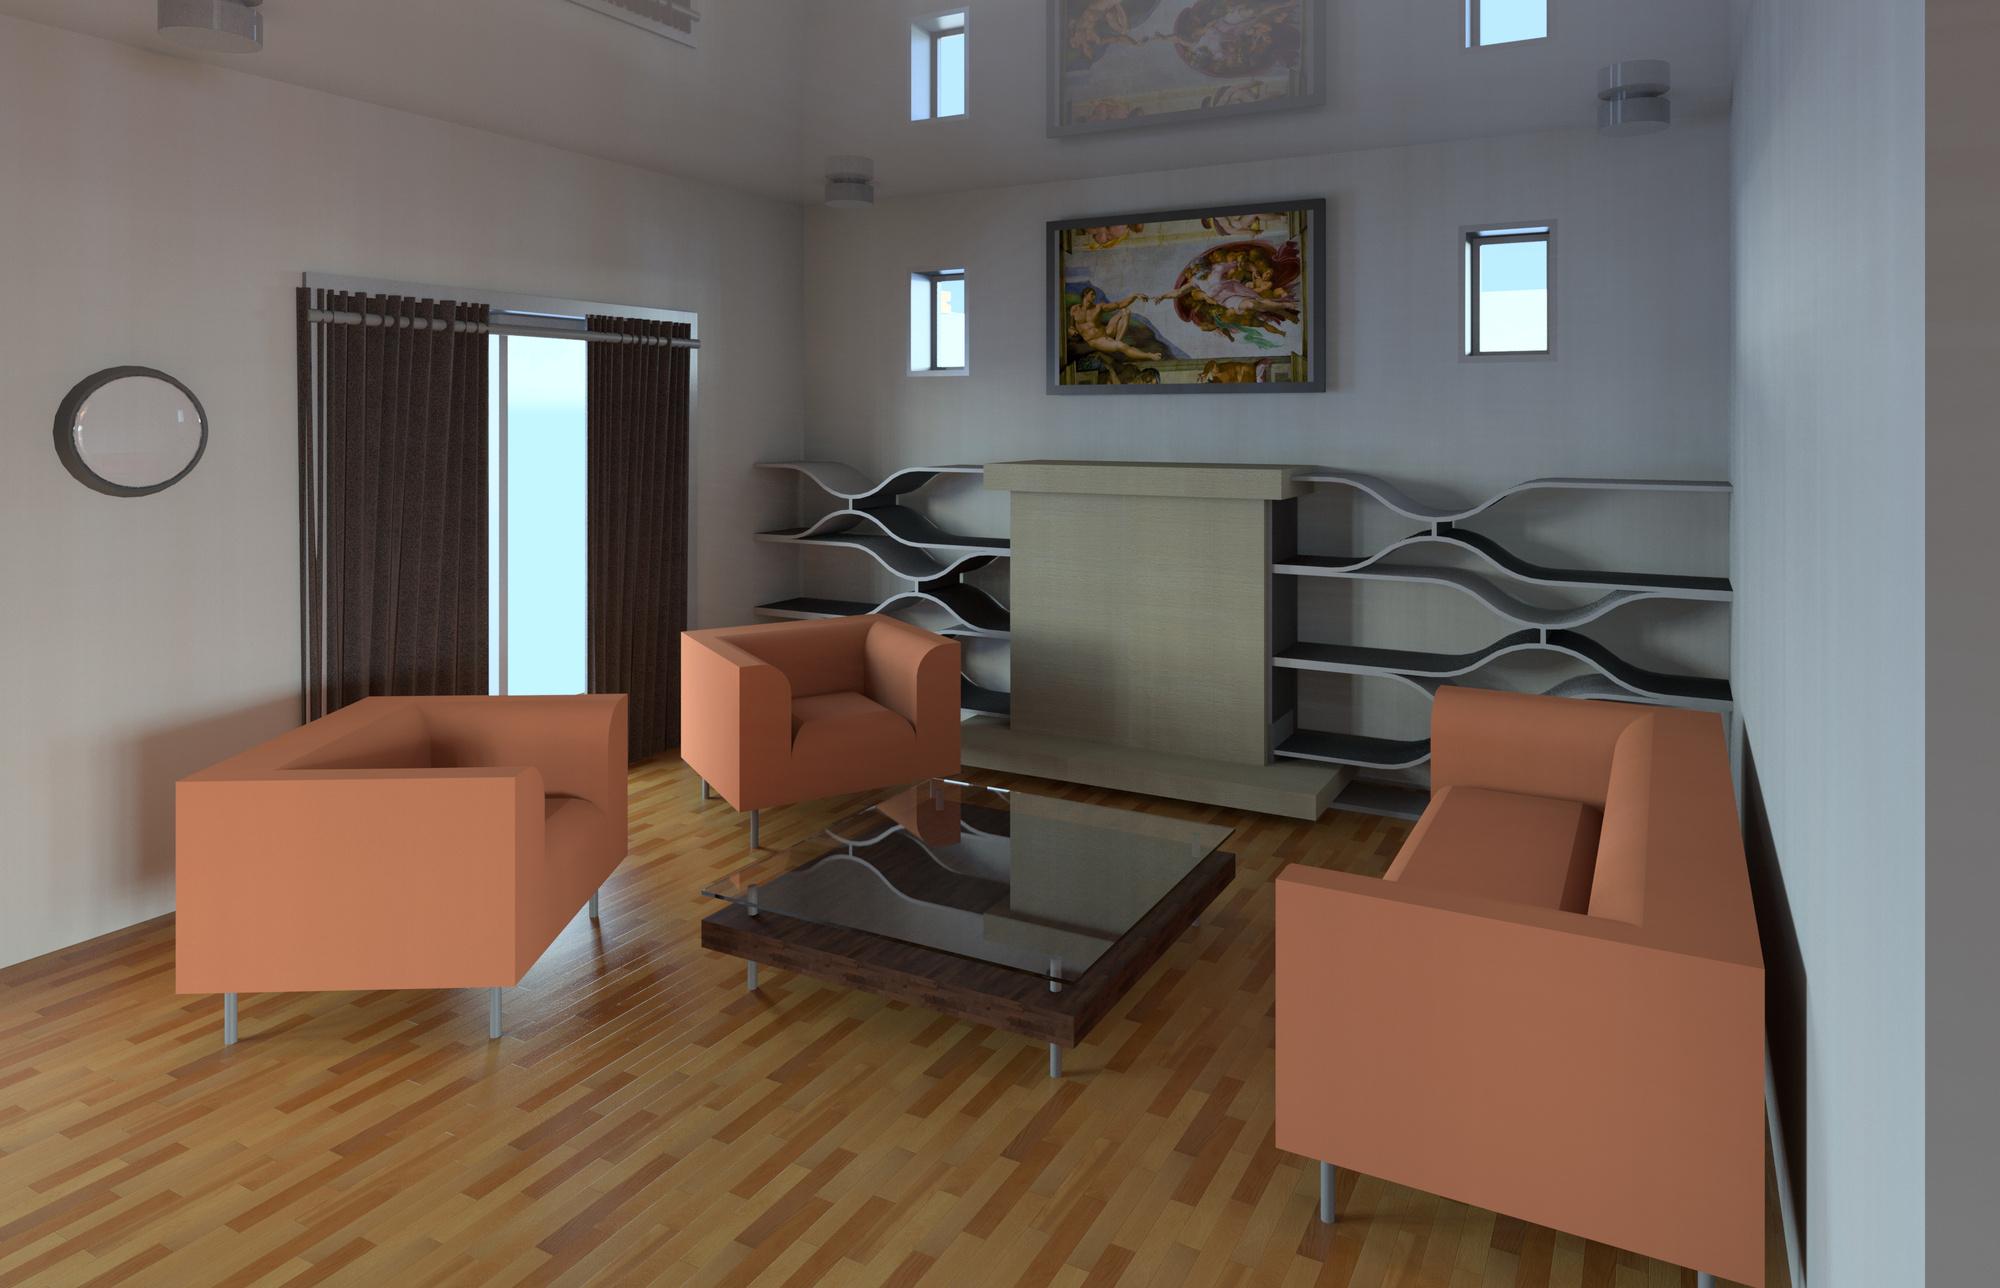 Raas-rendering20150313-2387-1mwfr8s